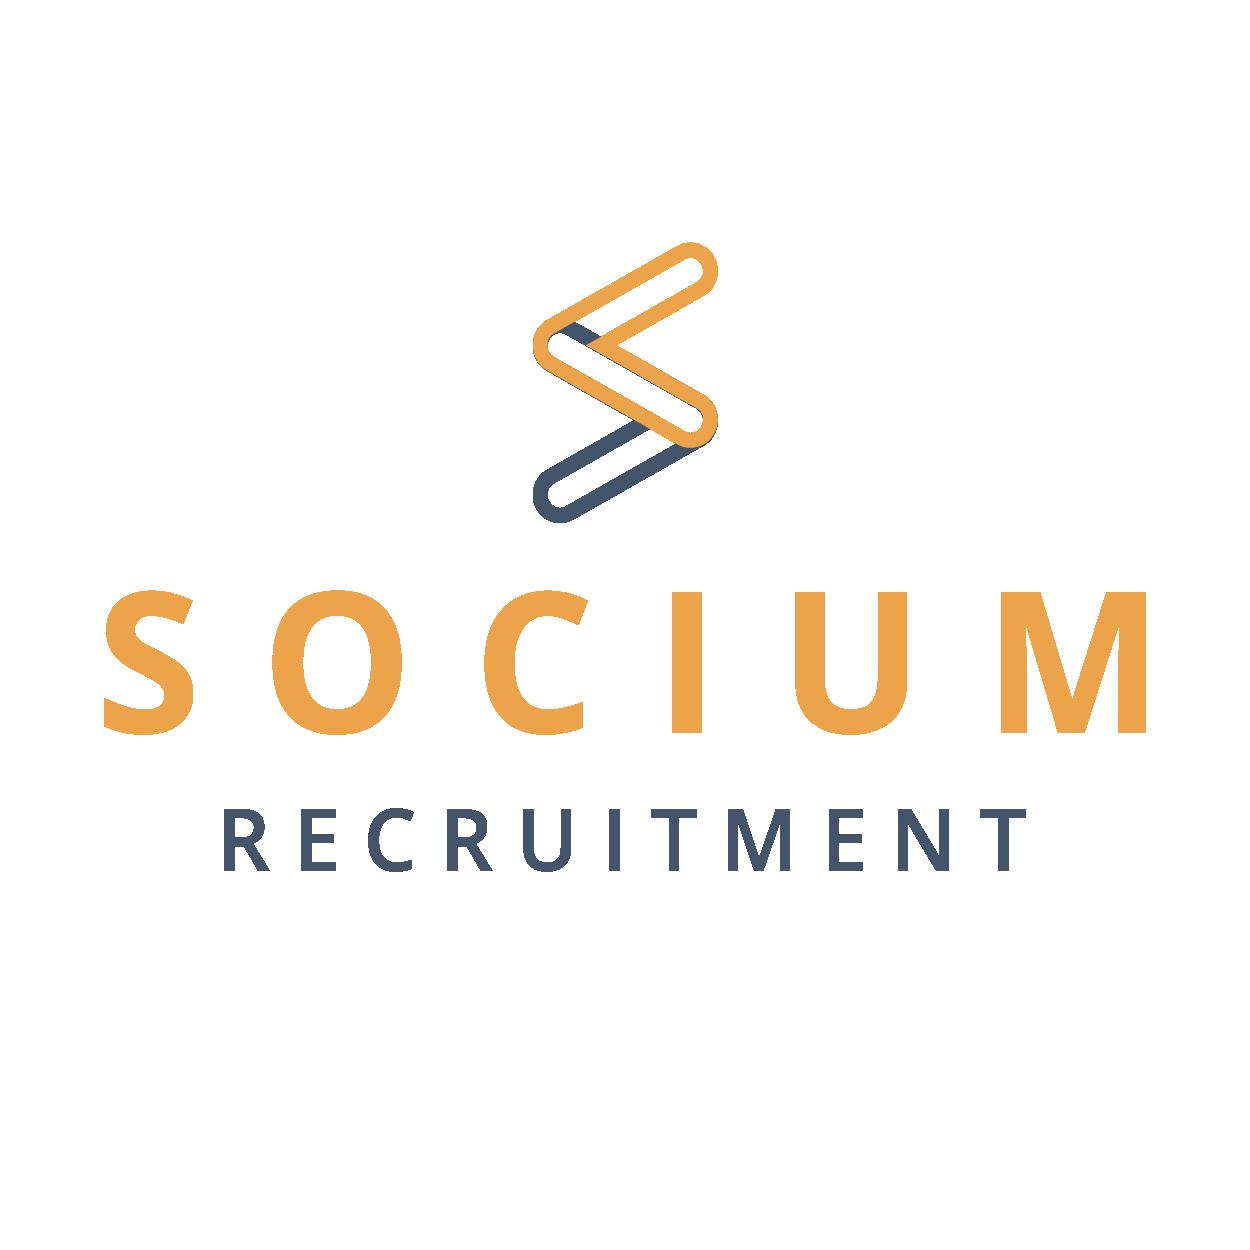 Socium Recruitment Limited